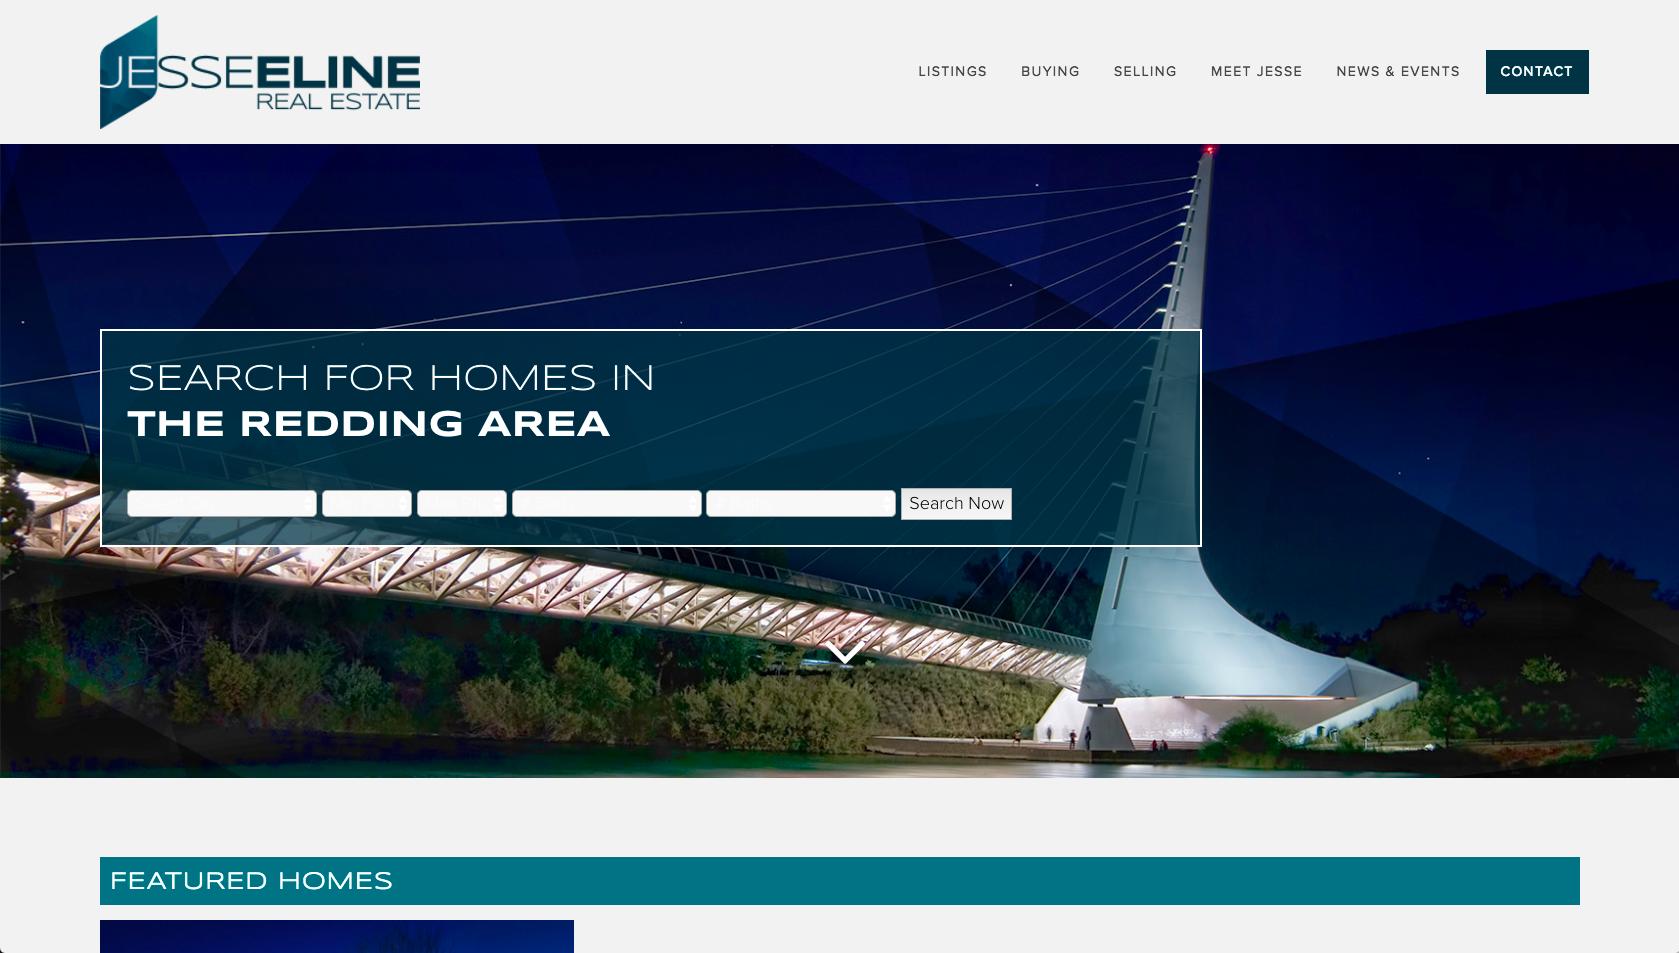 Jesse Eline Real Estate Website